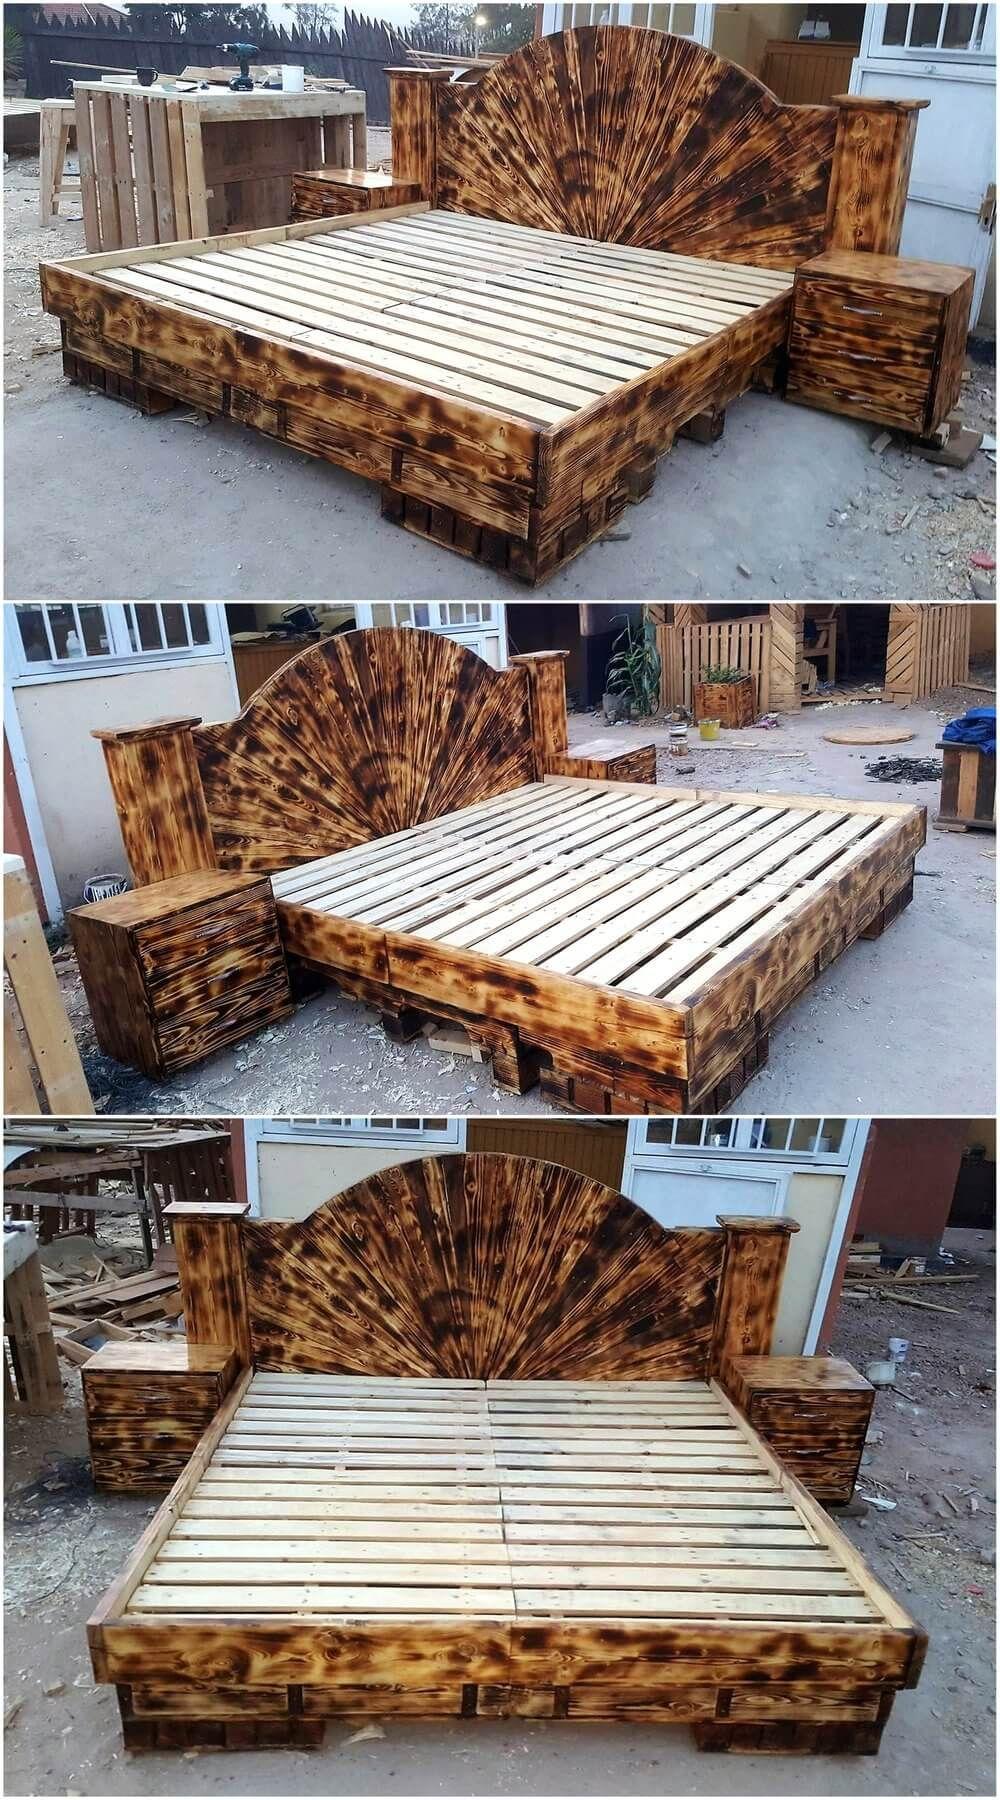 Tienerkamer Basic Wood.Repurposed Wooden Pallets Giant Beds Houtbewerke Pinterest